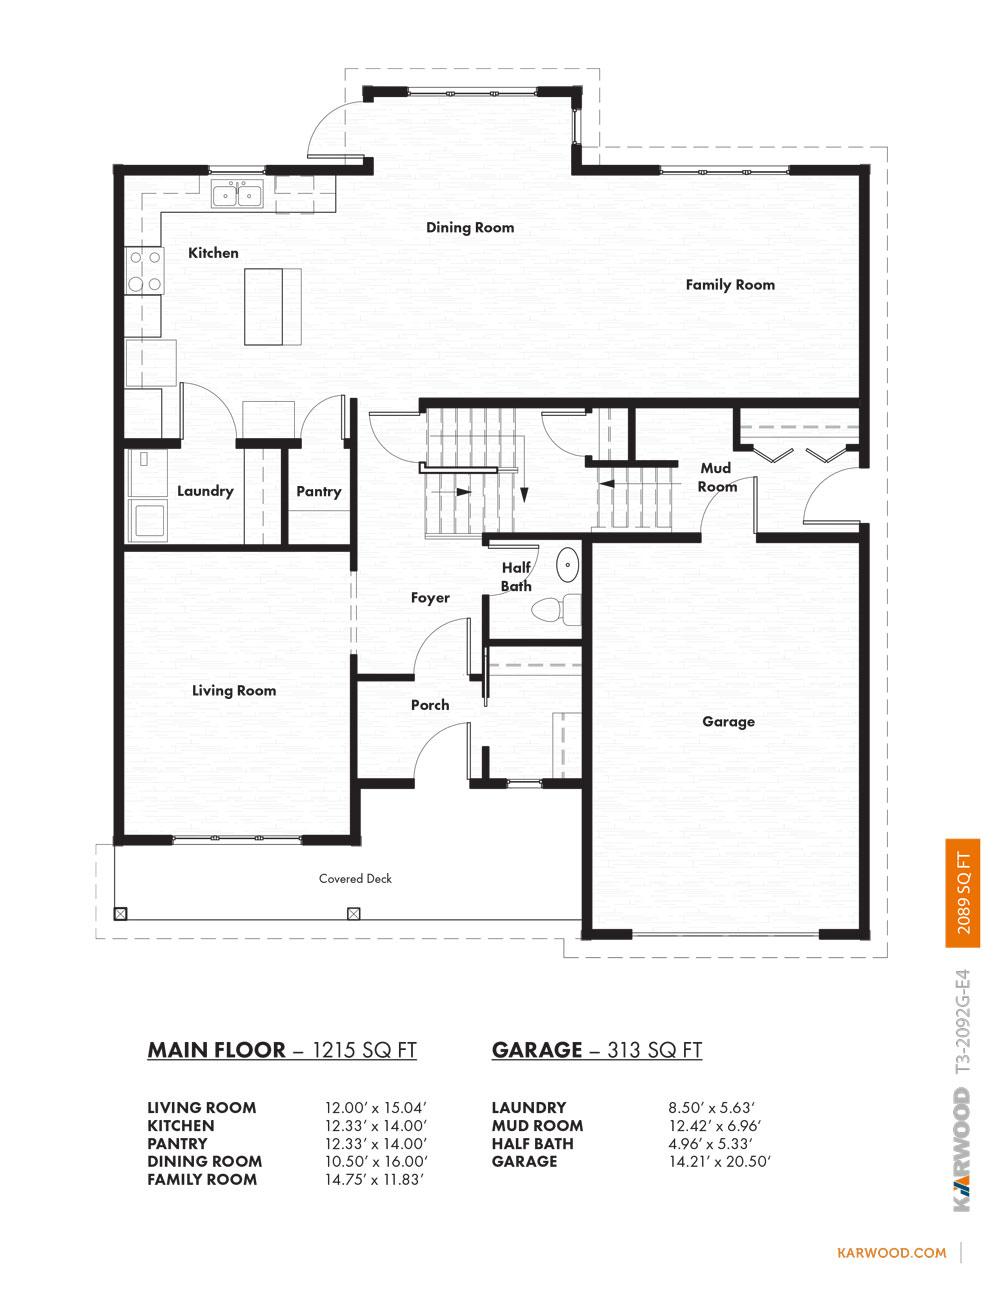 Karwood-T3-2092G-E4-WebPlans-1.jpg